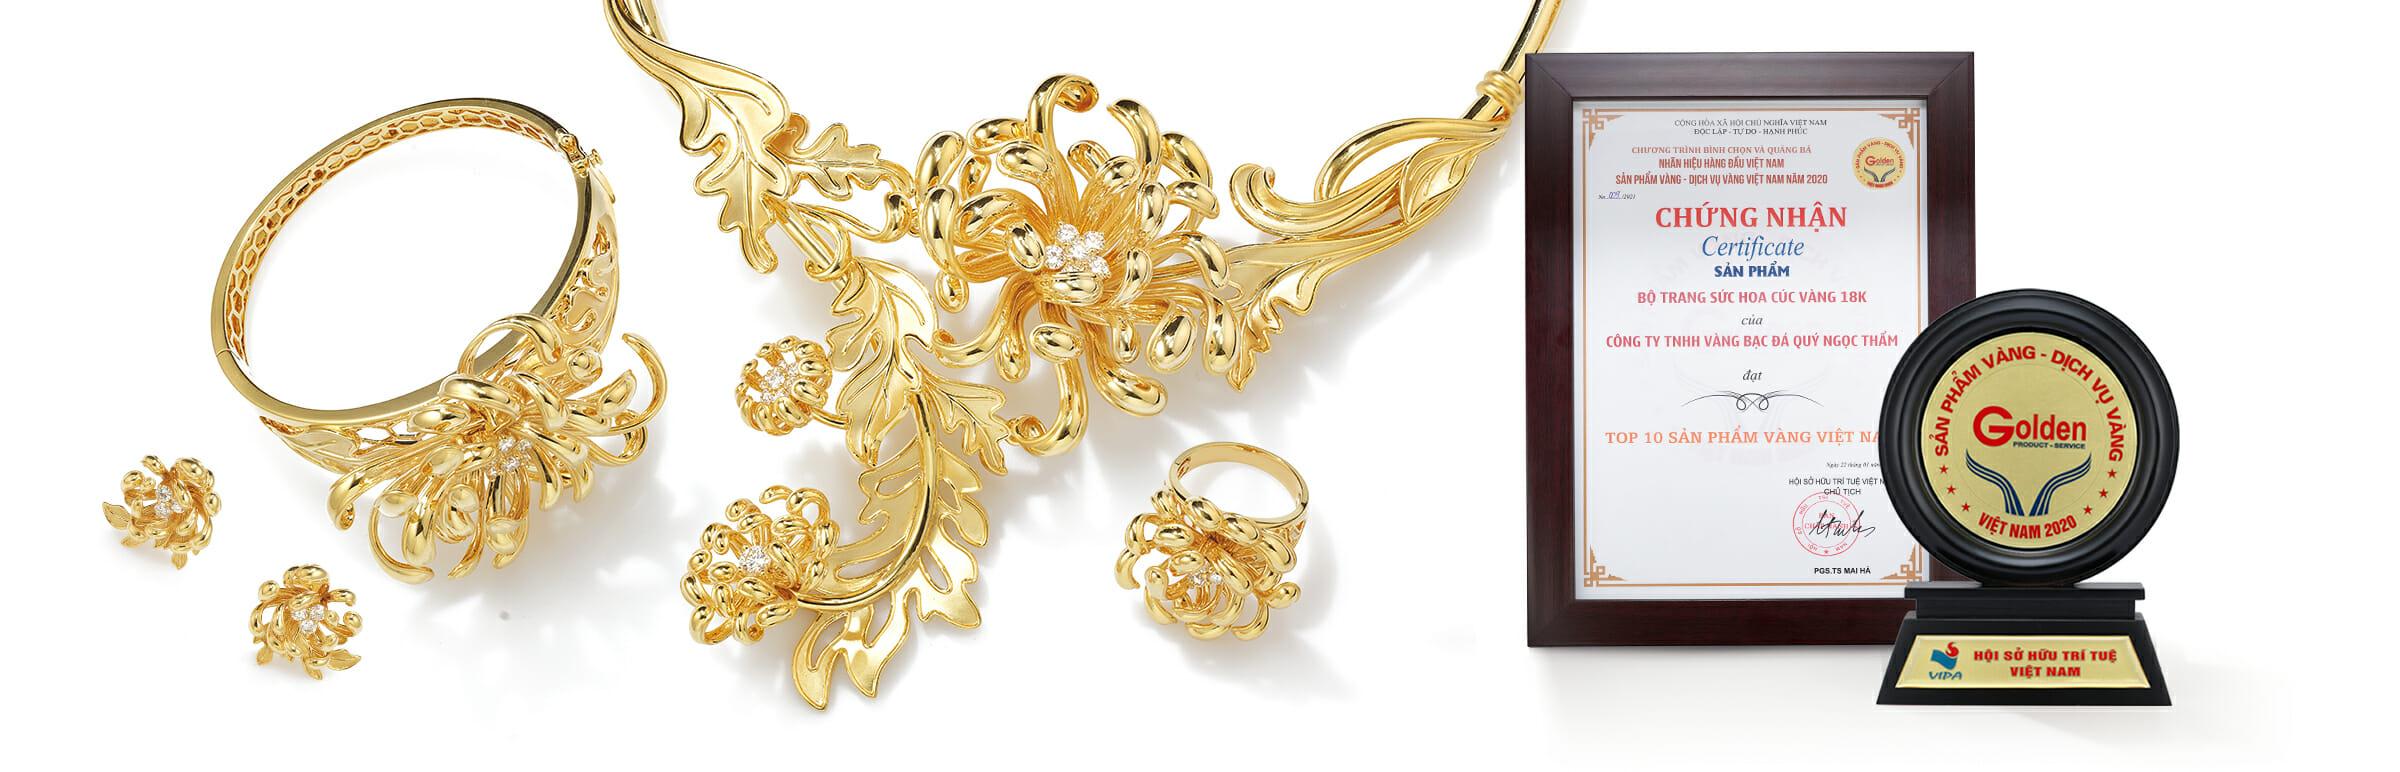 Bộ sưu tập Cúc Viên Mãn Vàng 18K, Top 10 sản phẩm vàng Việt Nam